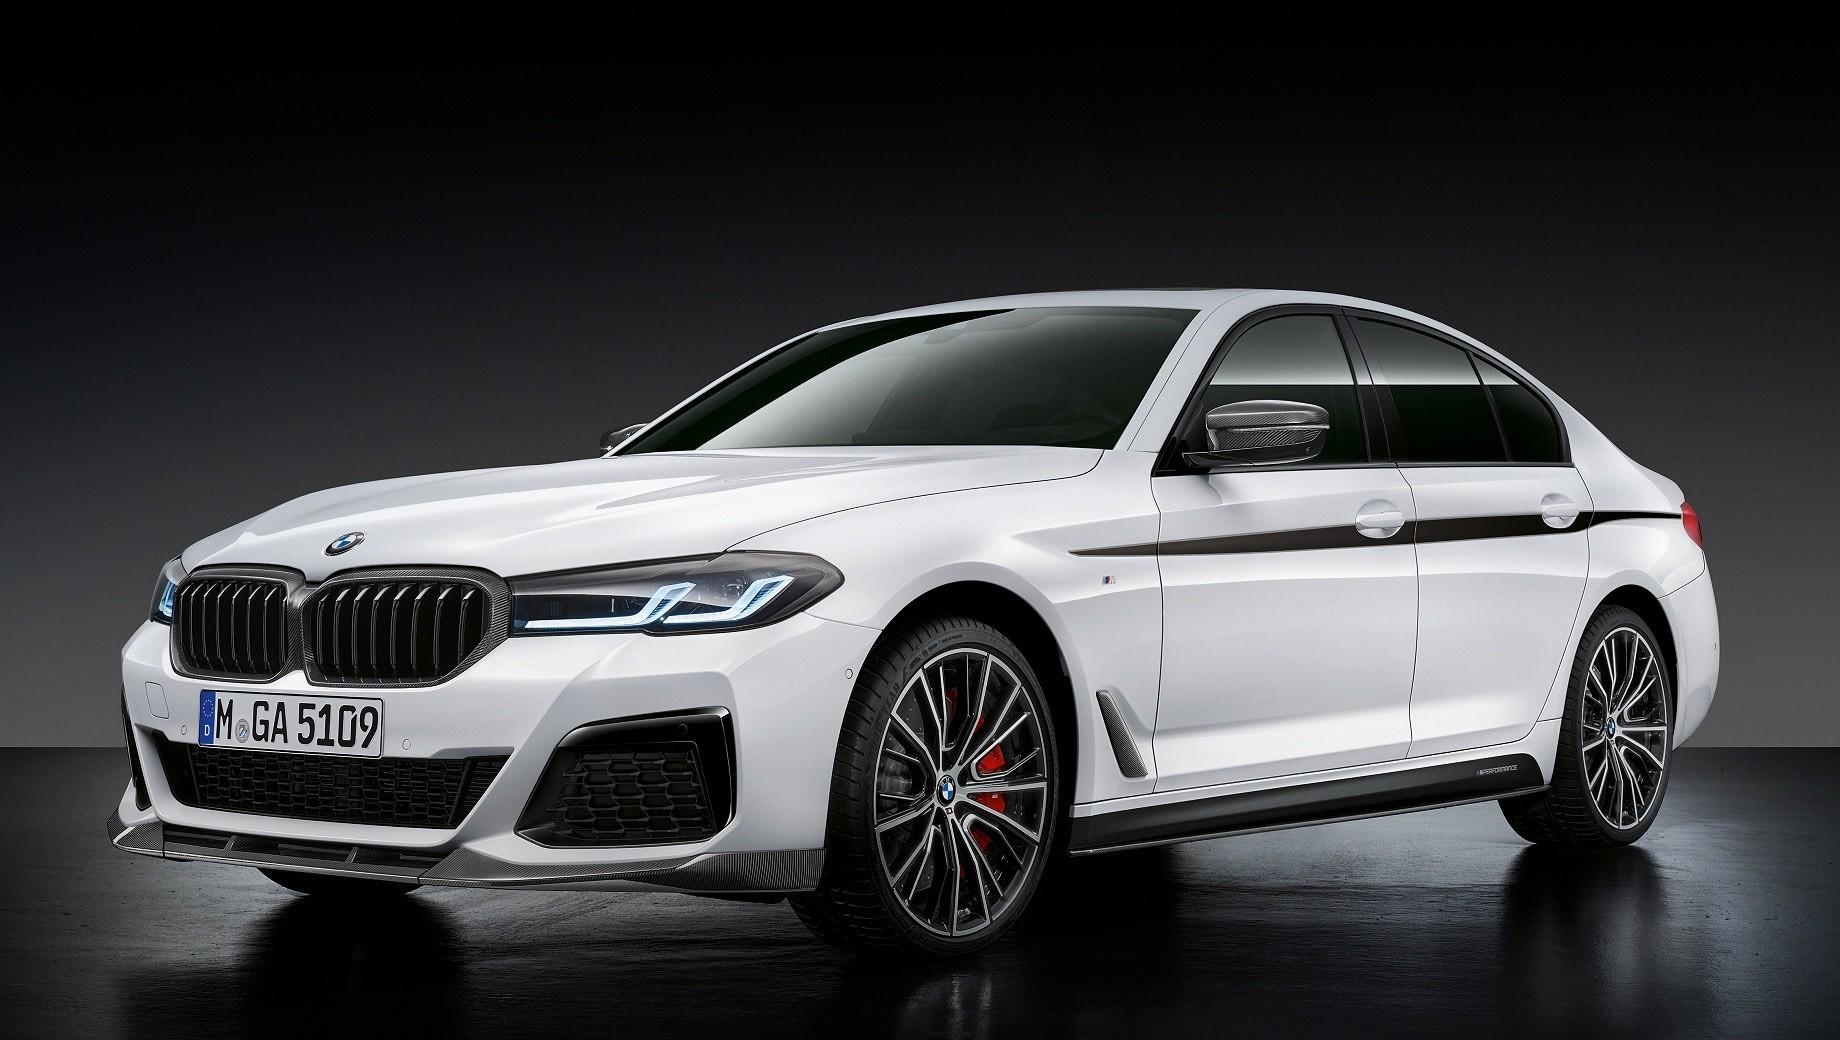 «Пятёрка» BMW обзавелась деталями M Performance